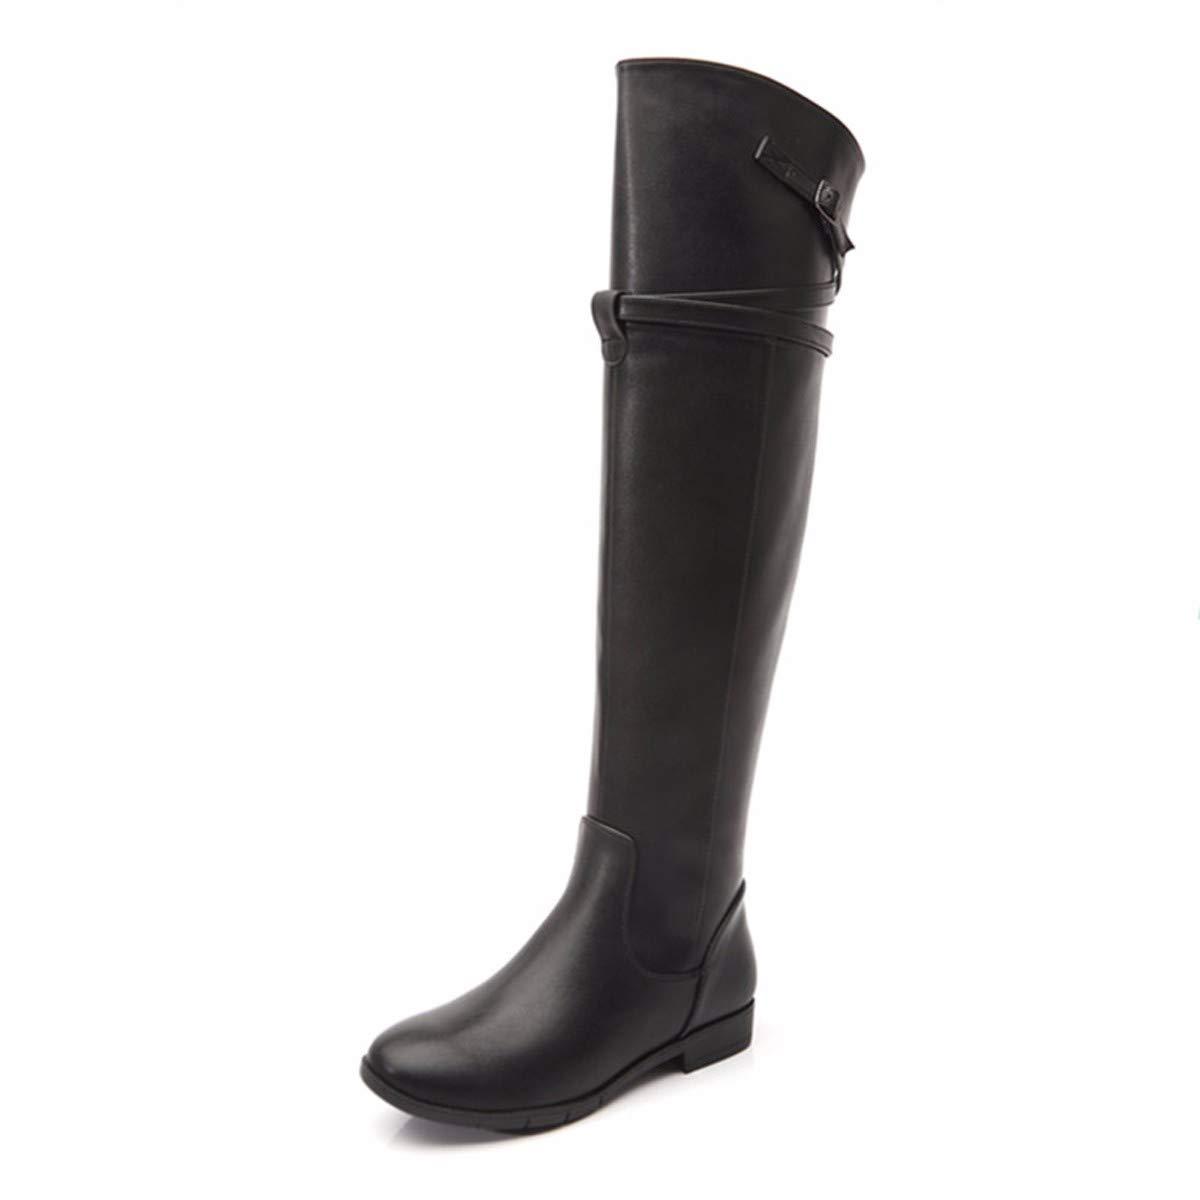 KPHY Damenschuhe Stiefel High 1-3Cm Frauen - Herbst - Winter Flachen Boden Hohe Stiefel Ritterlichkeit Stiefel.